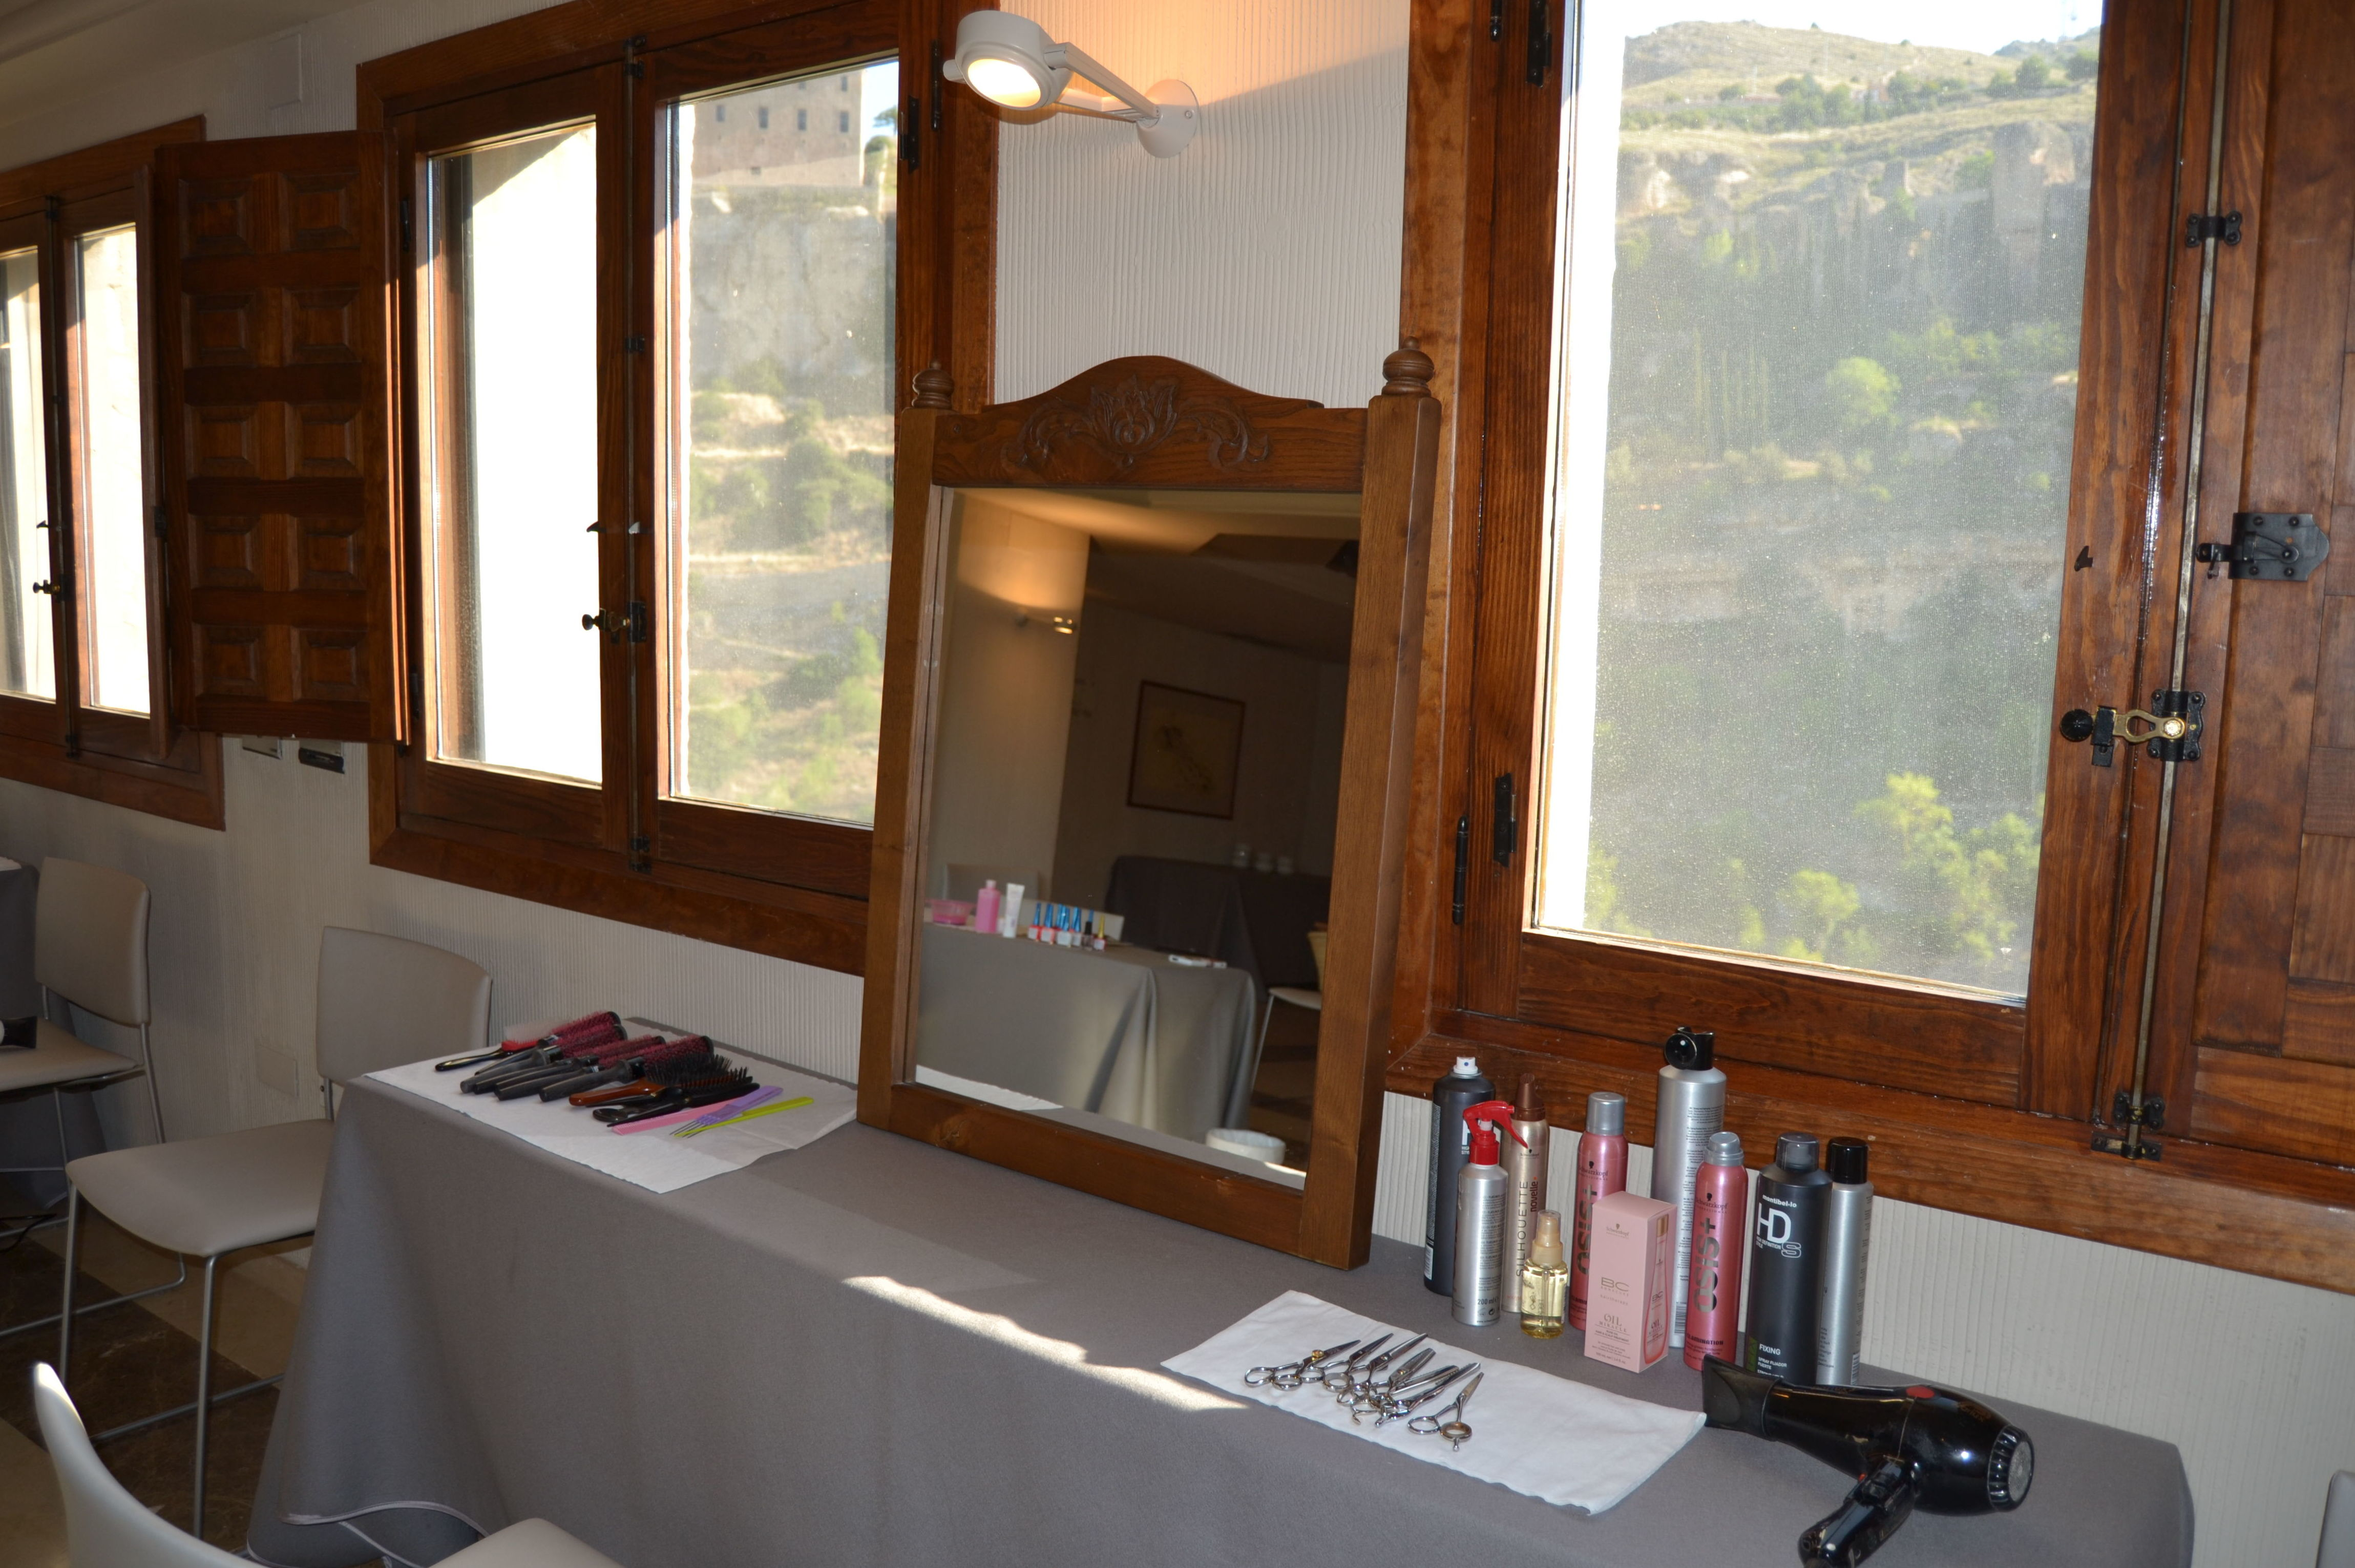 Preparación de boda en Salón de Actos. Parador de Cuenca. Junio '15